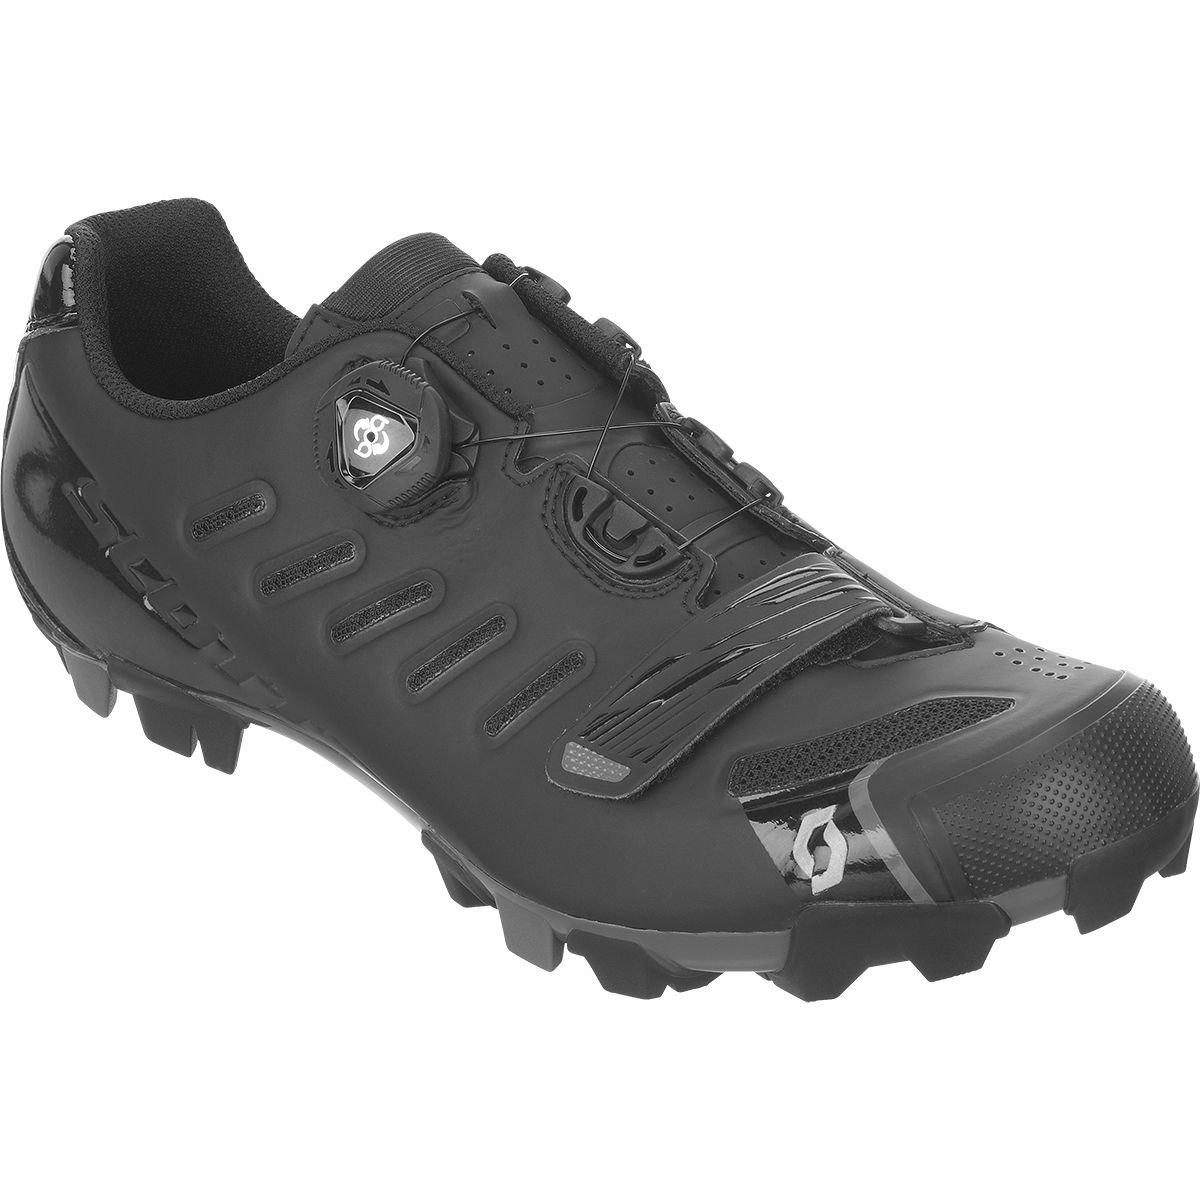 春夏新作 スコットMTB B07817QGX2 Team Boa Shoe Shoe – Men 'sマットブラック Boa/グロスブラック、42.0 B07817QGX2, 岩瀬町:ae3ed244 --- ciadaterra.com